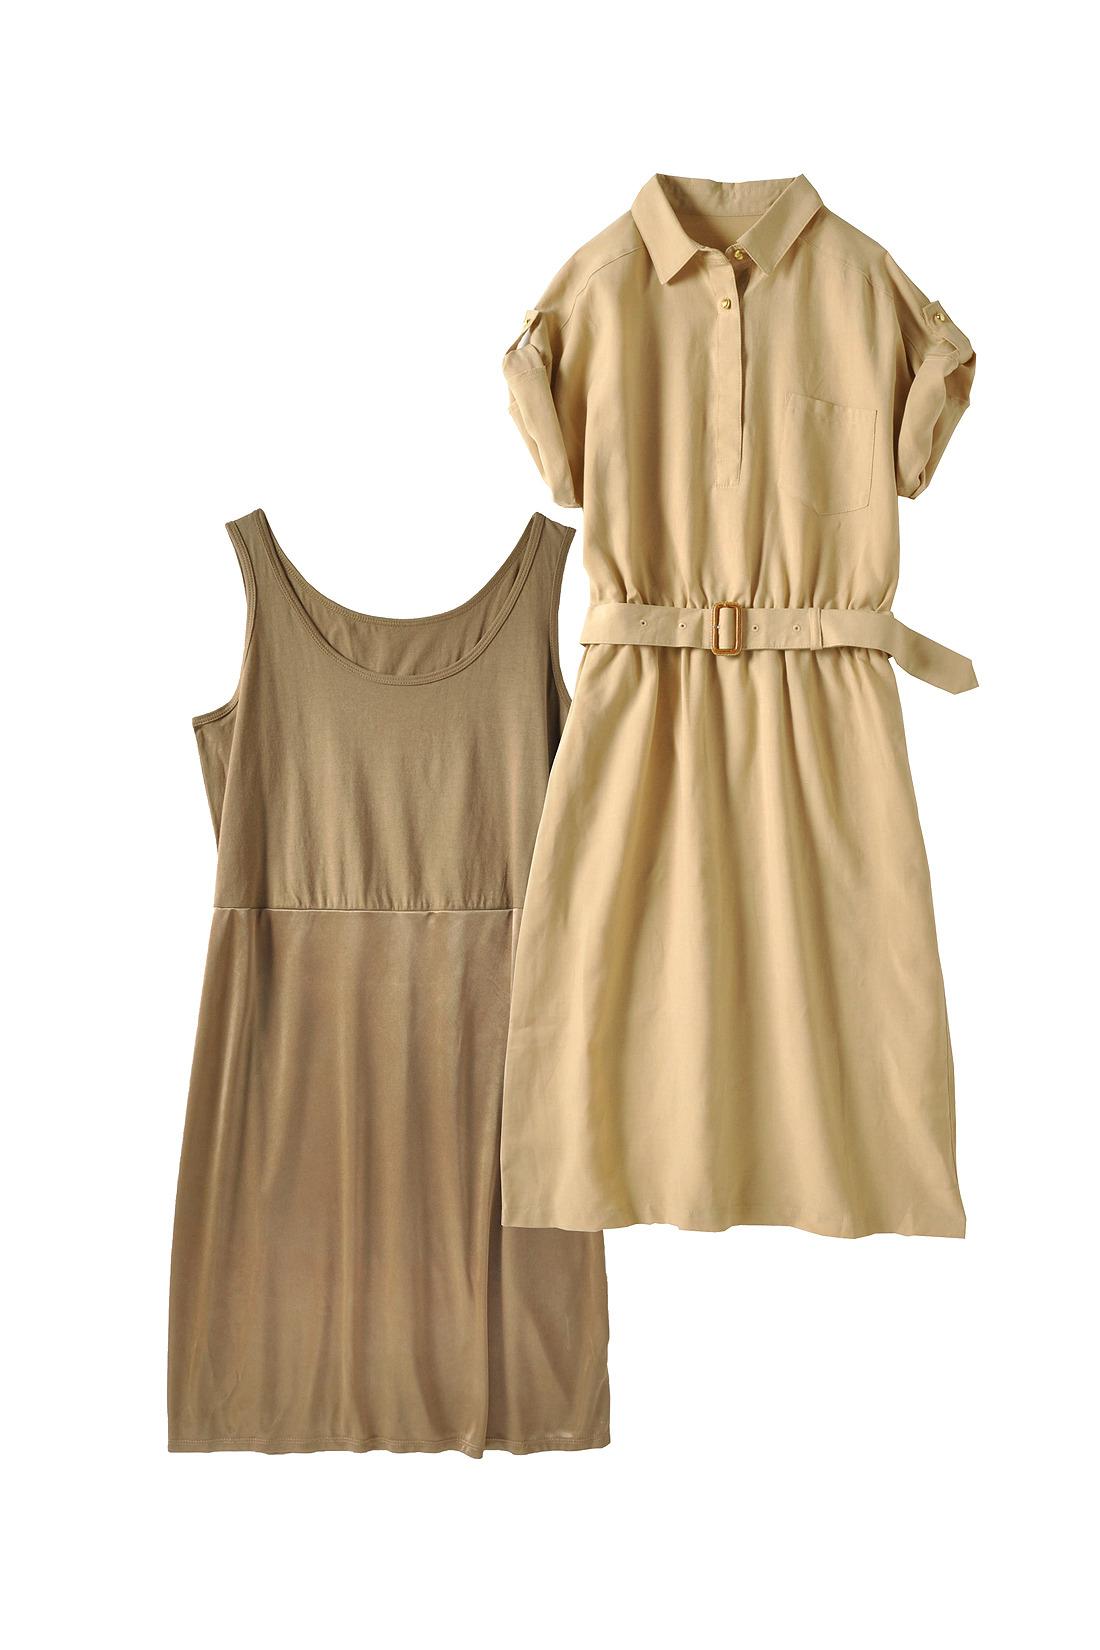 ベージュのシャツワンピはリネン混素材だから、ゆるっとリゾート風に着こなすのもあり。